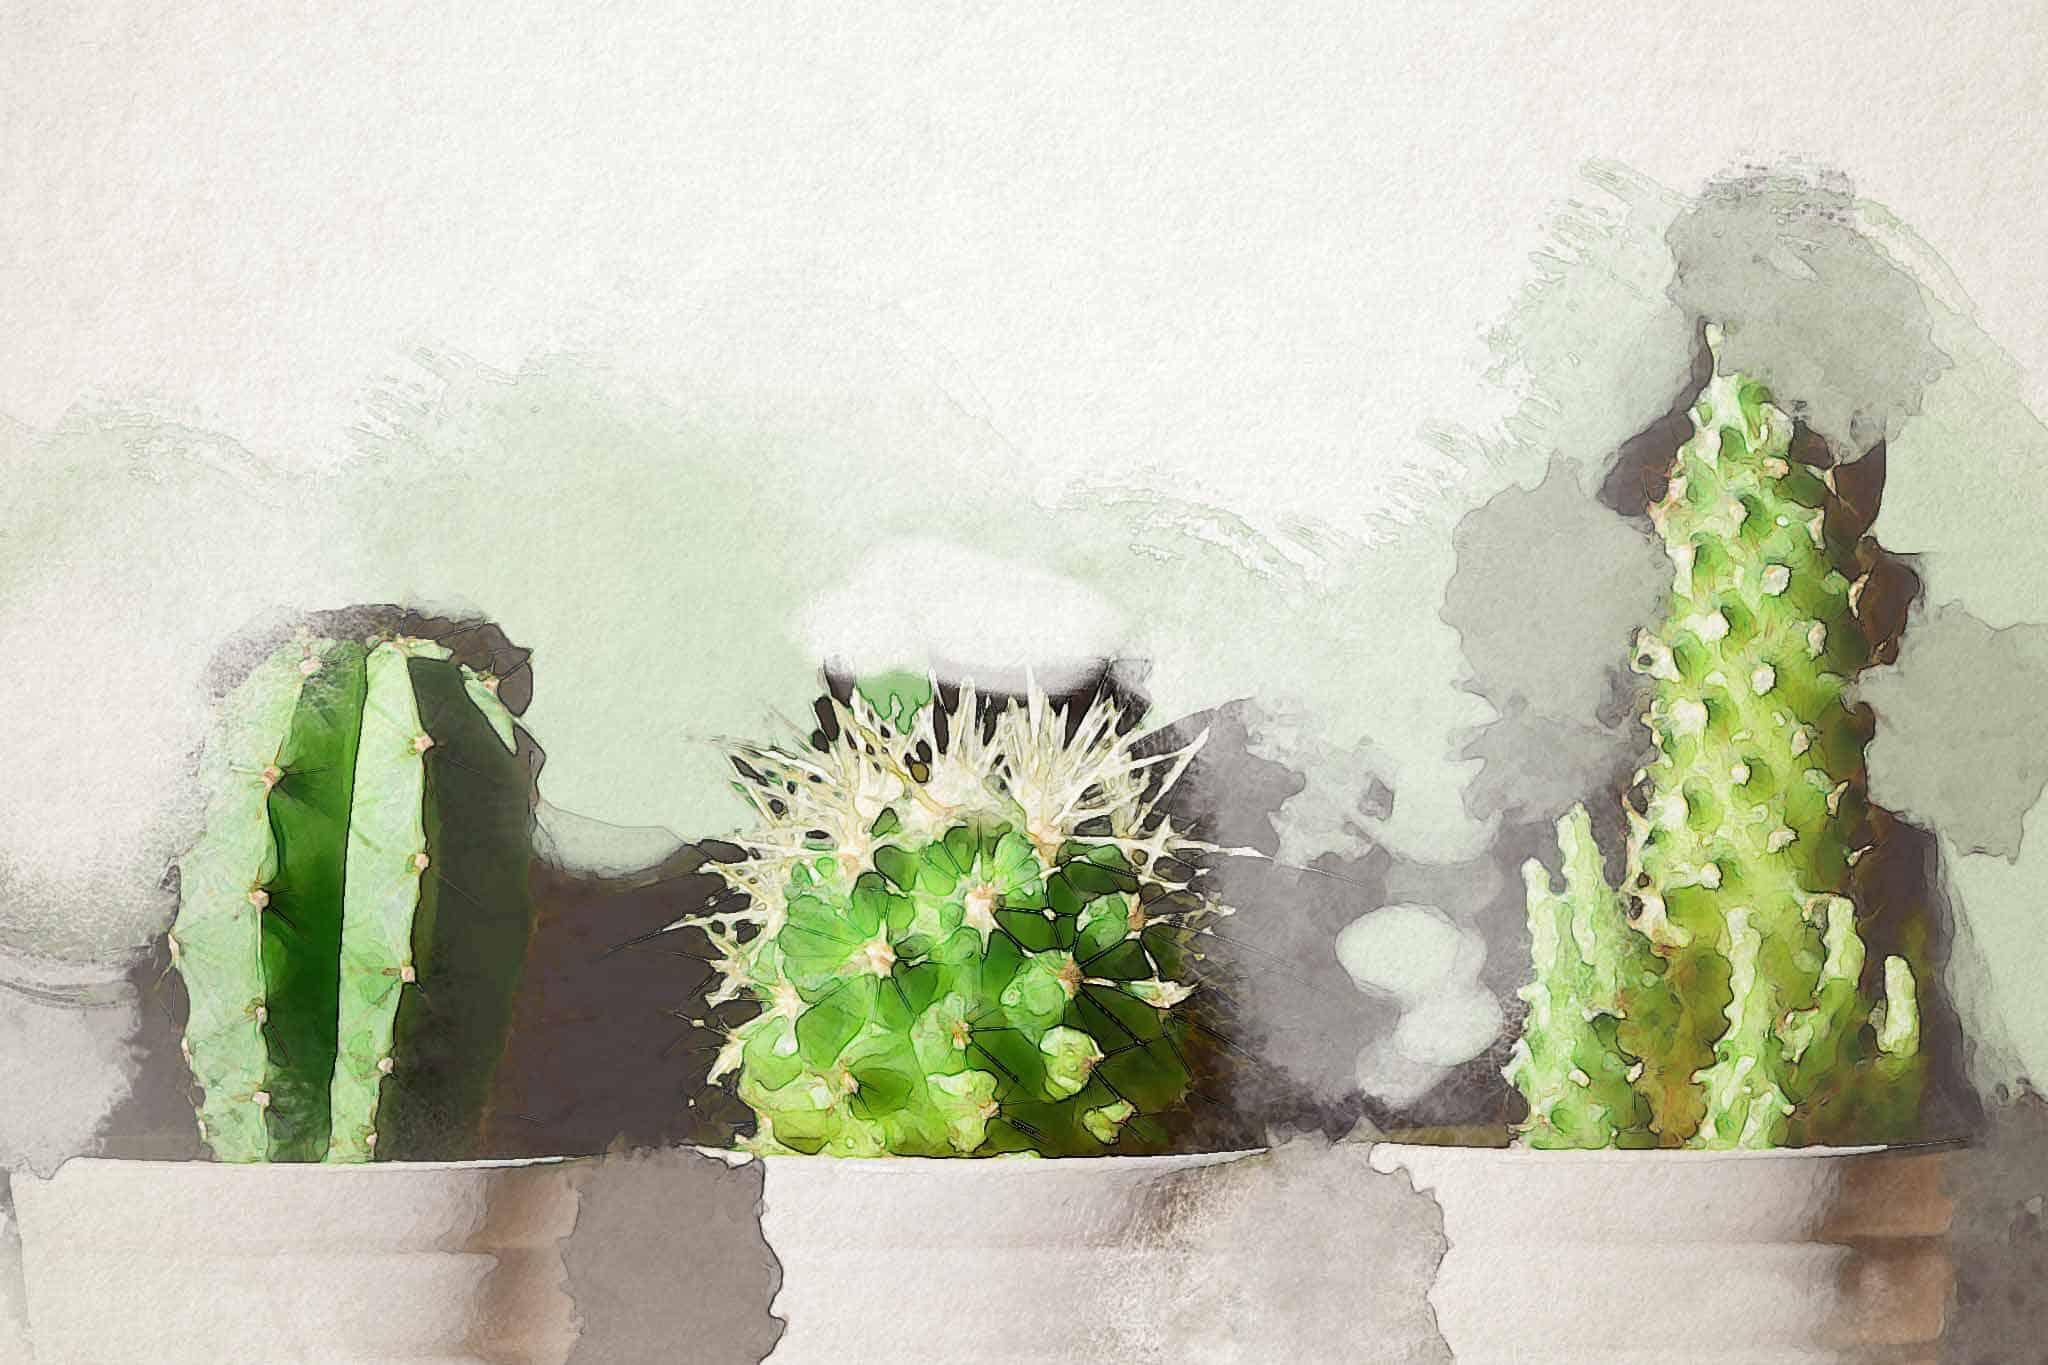 cactus green pot flora three